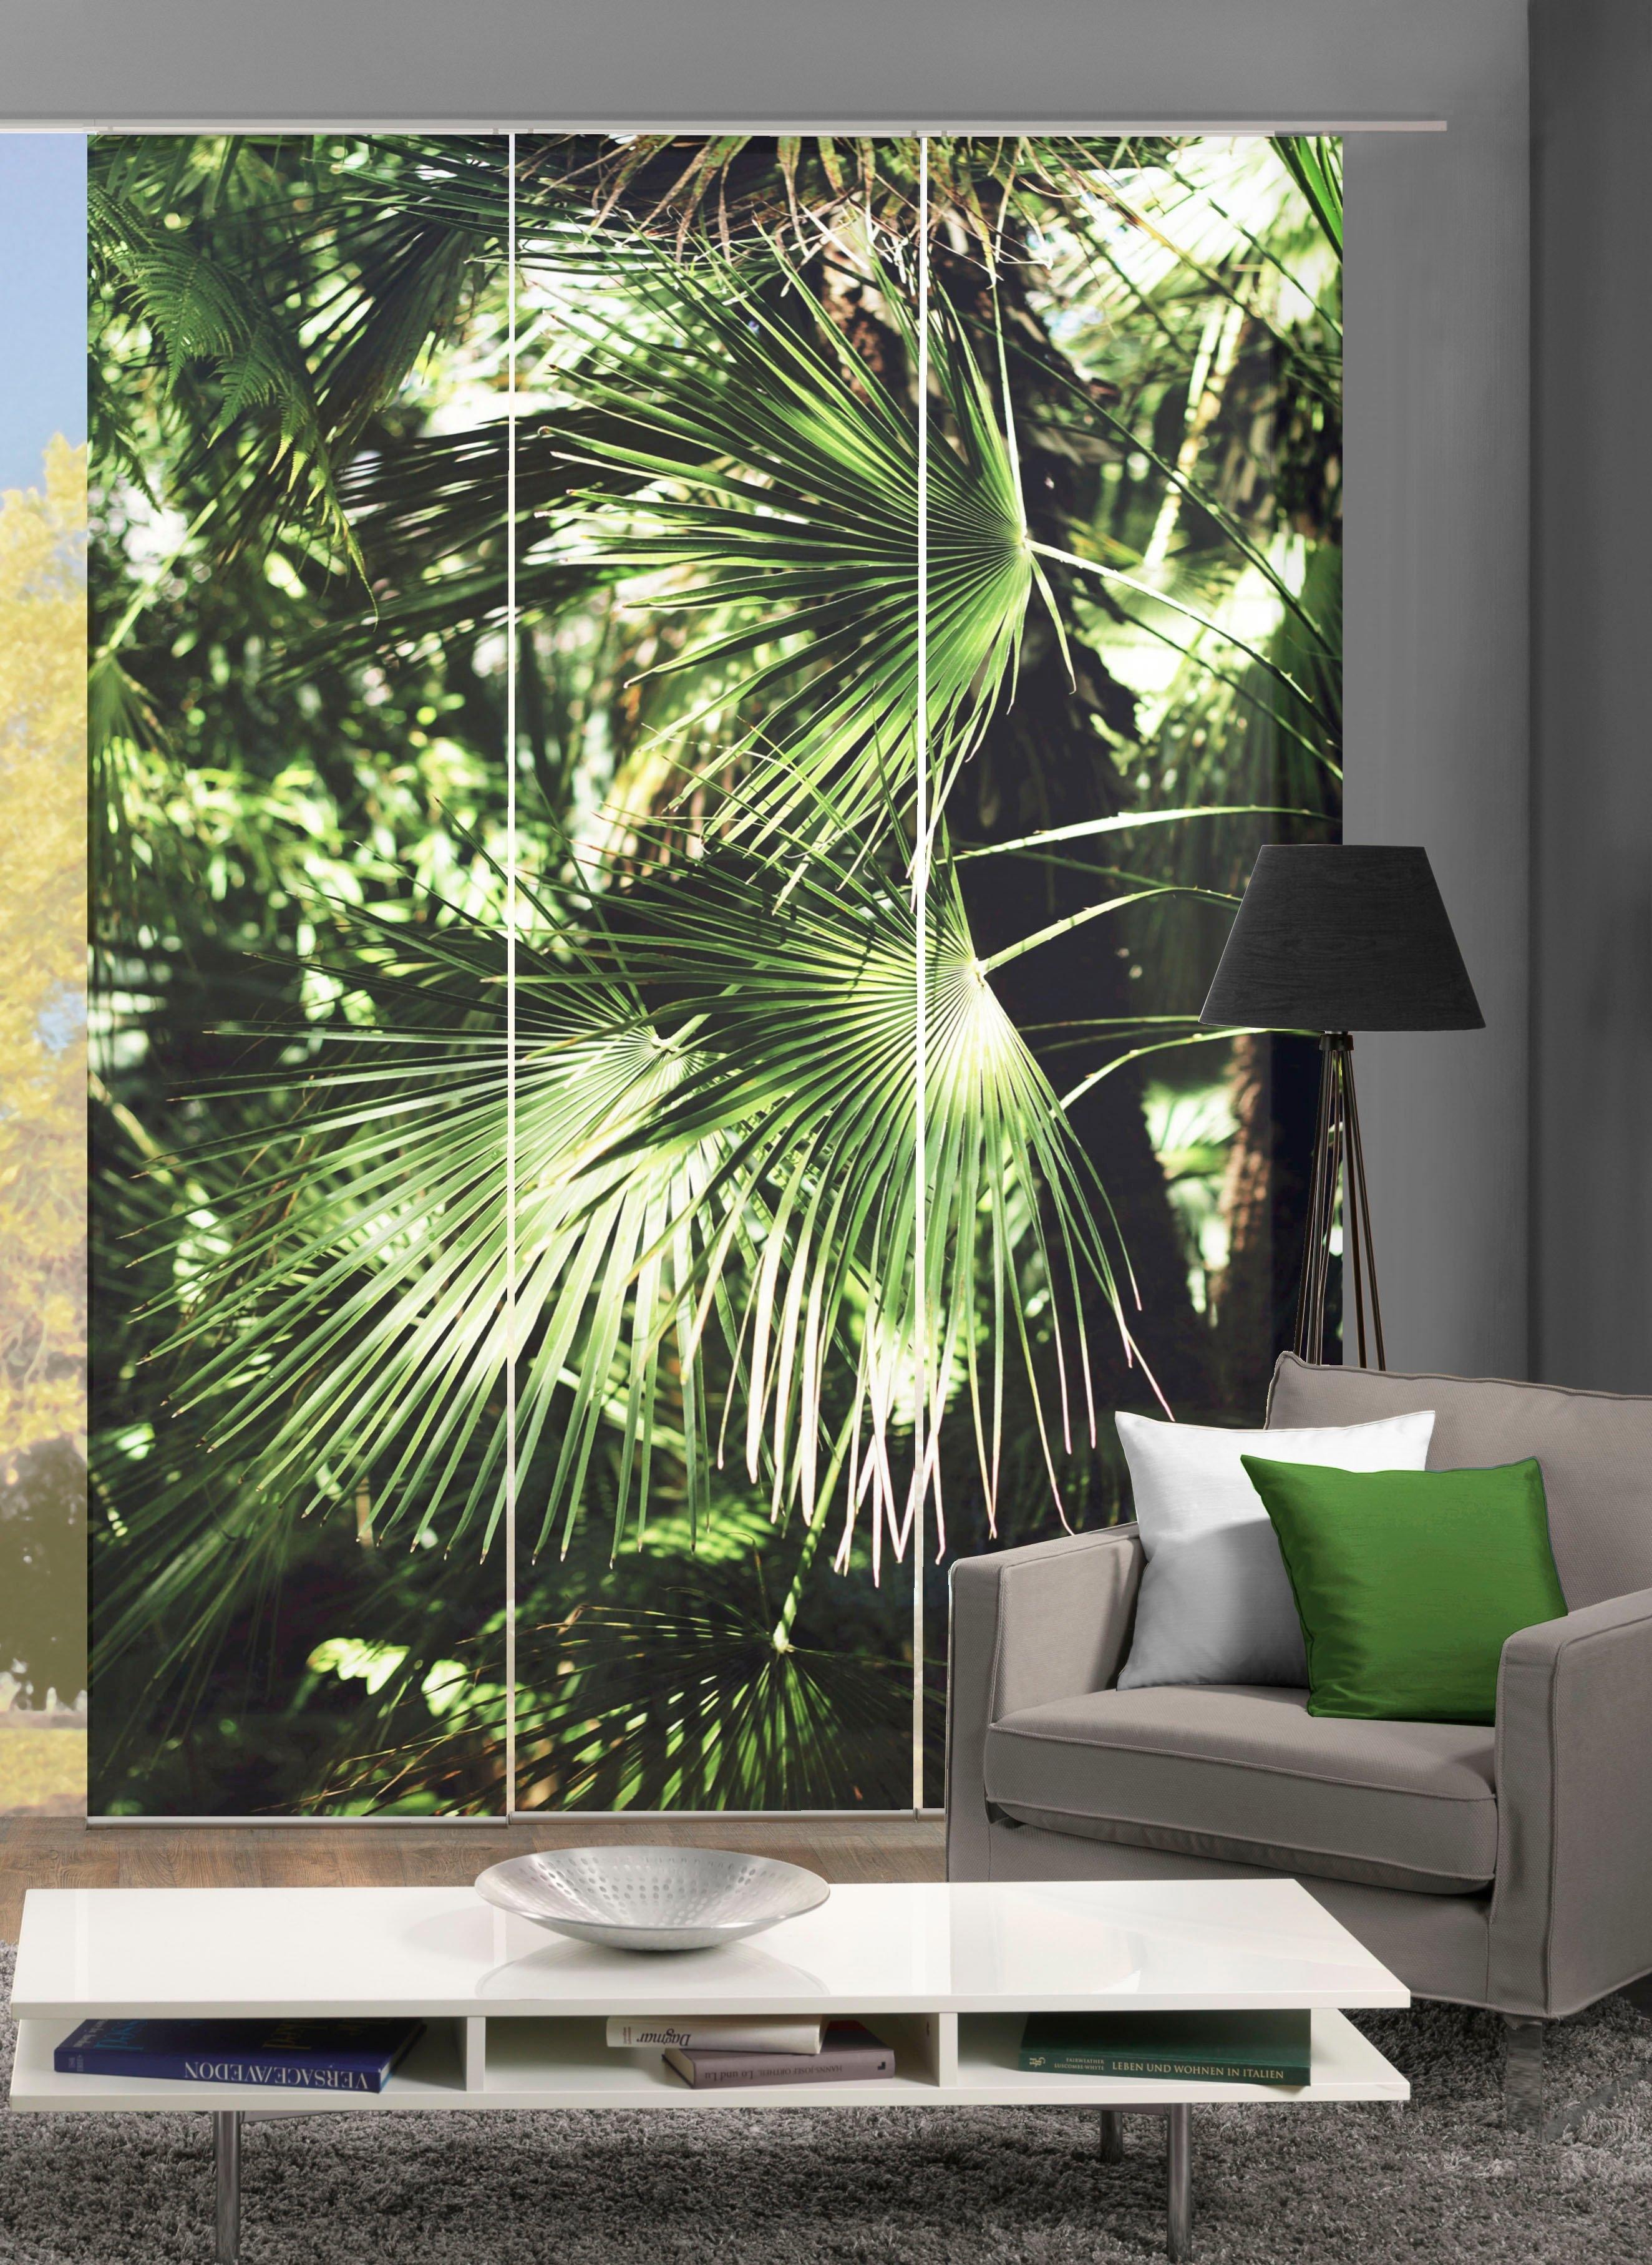 Vision Paneelgordijn JUNGOLA set van 3 Bamboe-look, digitaal bedrukt (3 stuks) bij OTTO online kopen